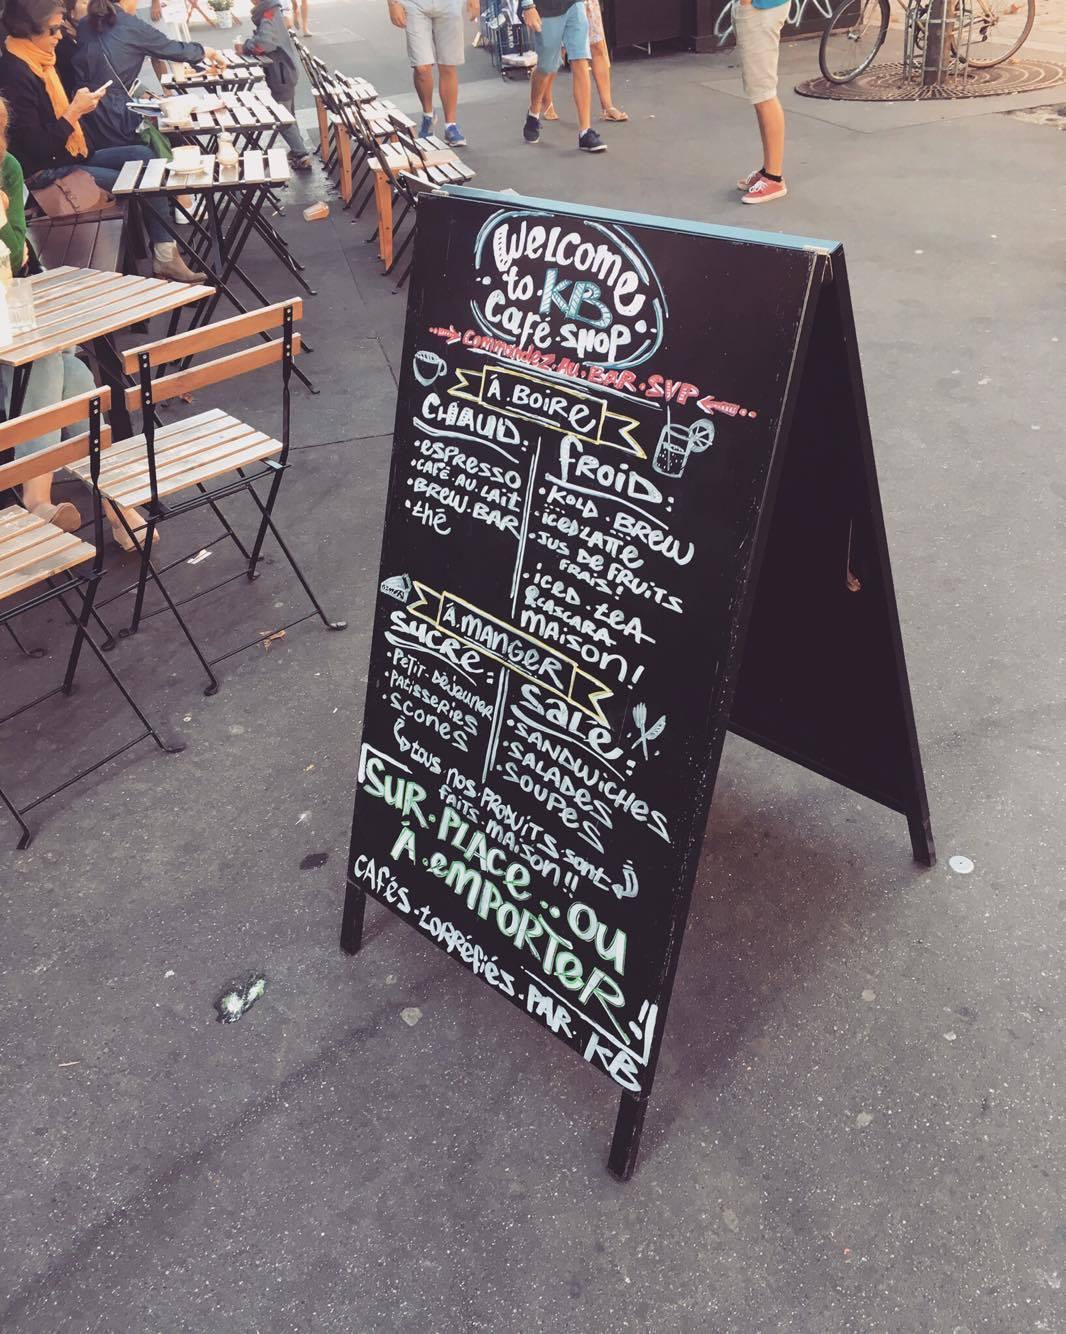 style-sur-la-ville-KB-cafe-shop-2